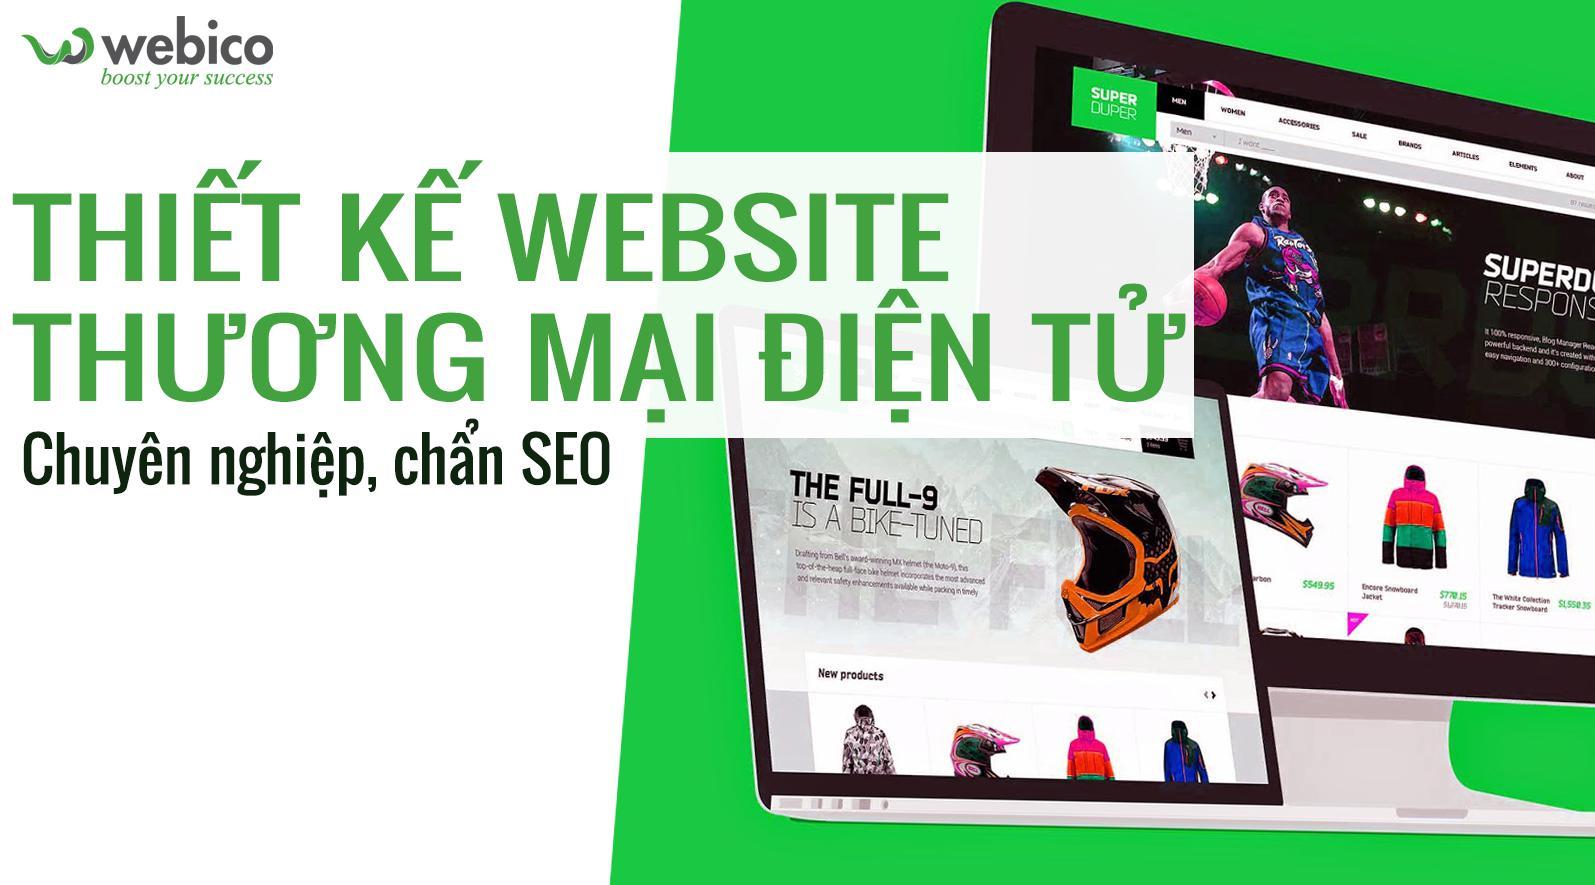 Công ty thiết kế website bất động sản Webico